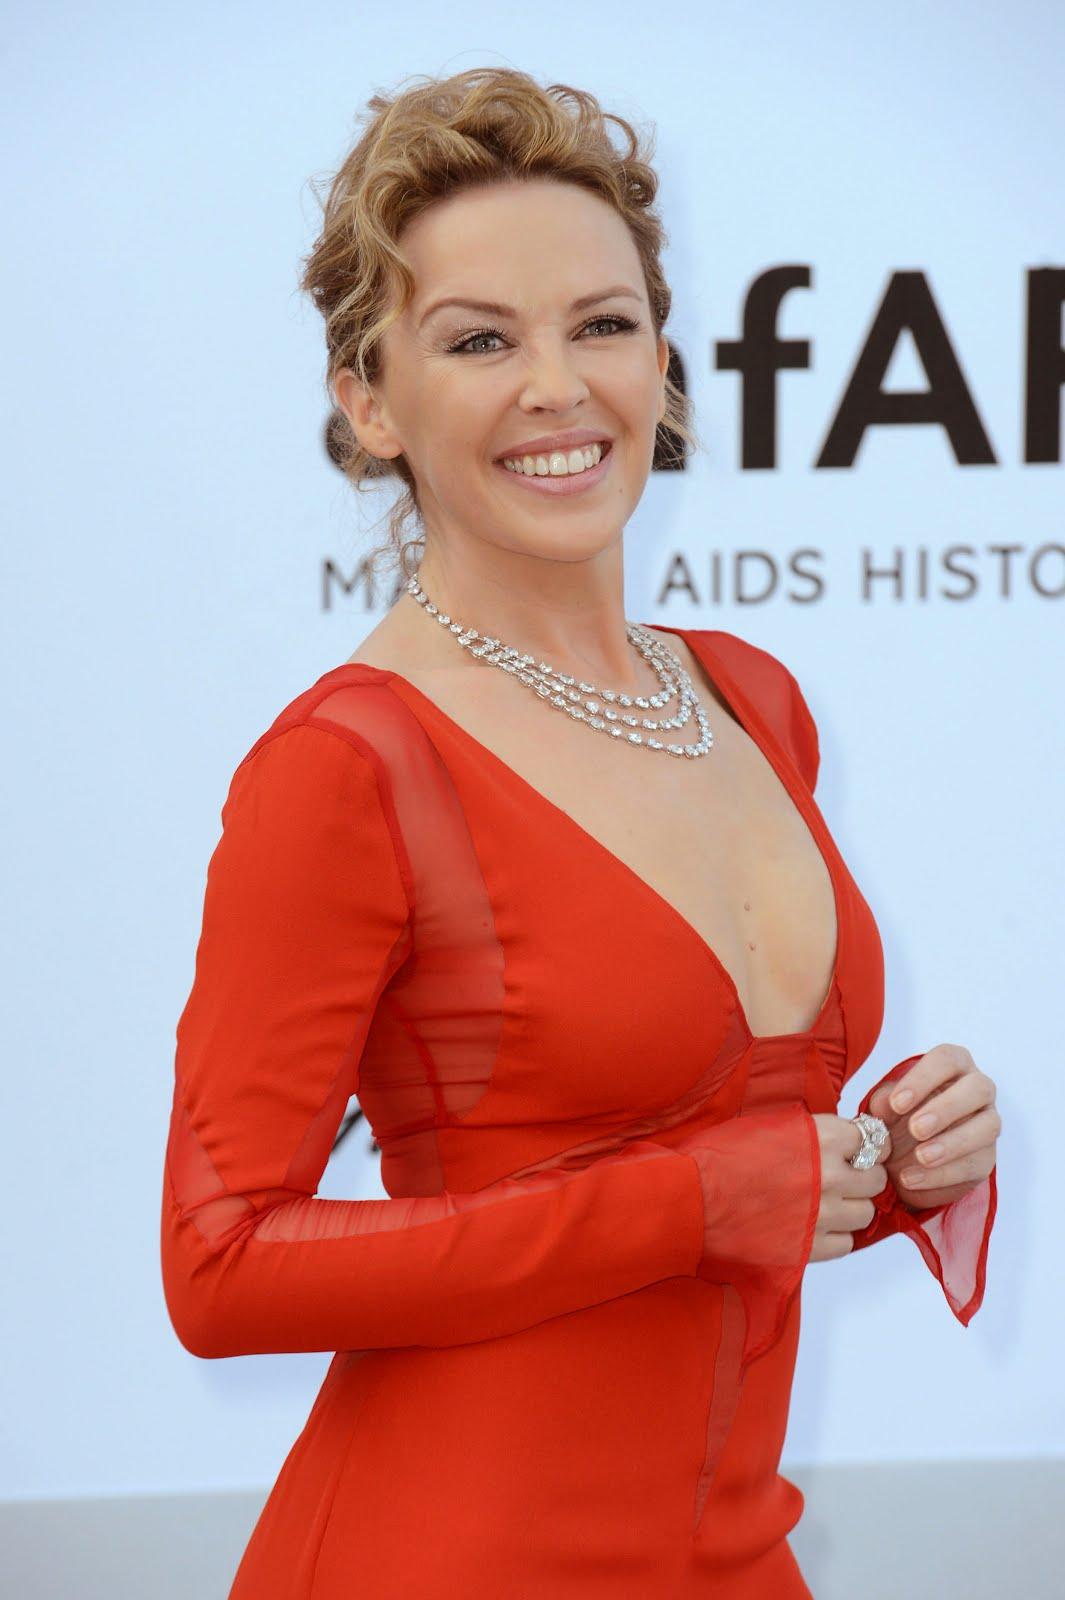 http://1.bp.blogspot.com/-4tOIOBRuxAA/T7-8SewSLzI/AAAAAAAACro/fQYI7WA1xrM/s1600/0524_Kylie-Minogue_in_Chopard2_A.jpg